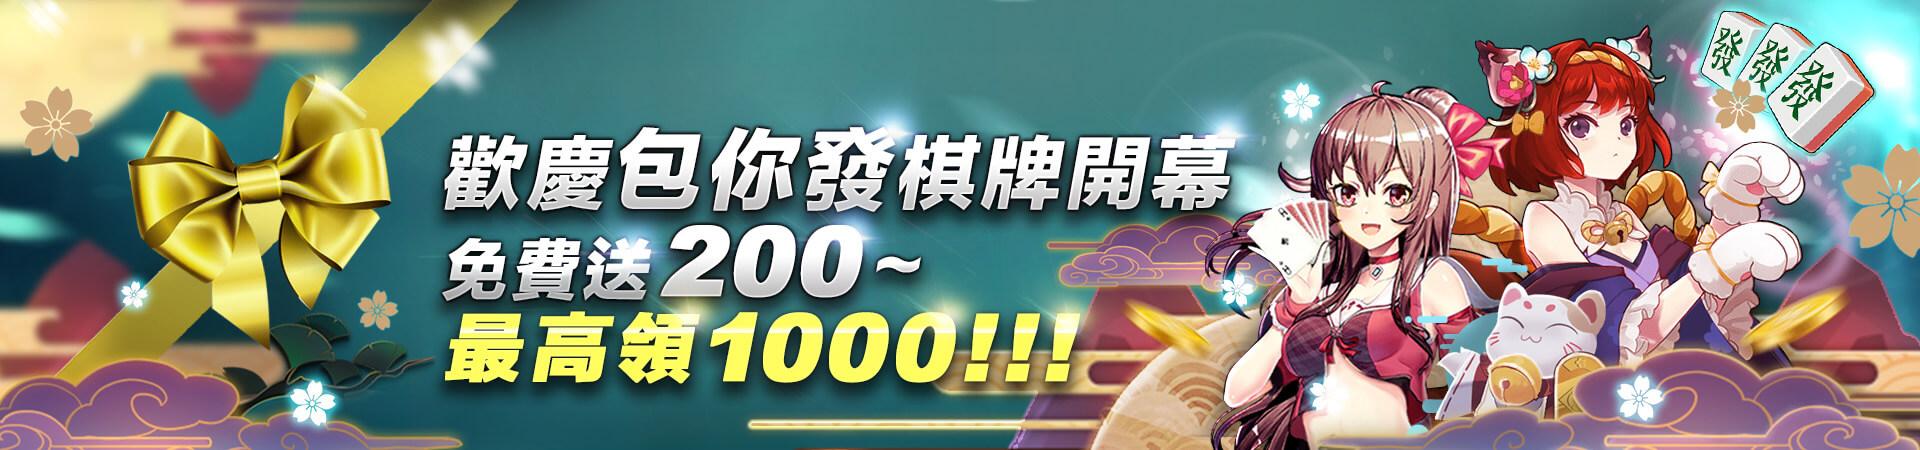 歡慶HOYA娛樂城!!!包你發棋牌上架200歡迎領(您)~免費送!最高領1000!